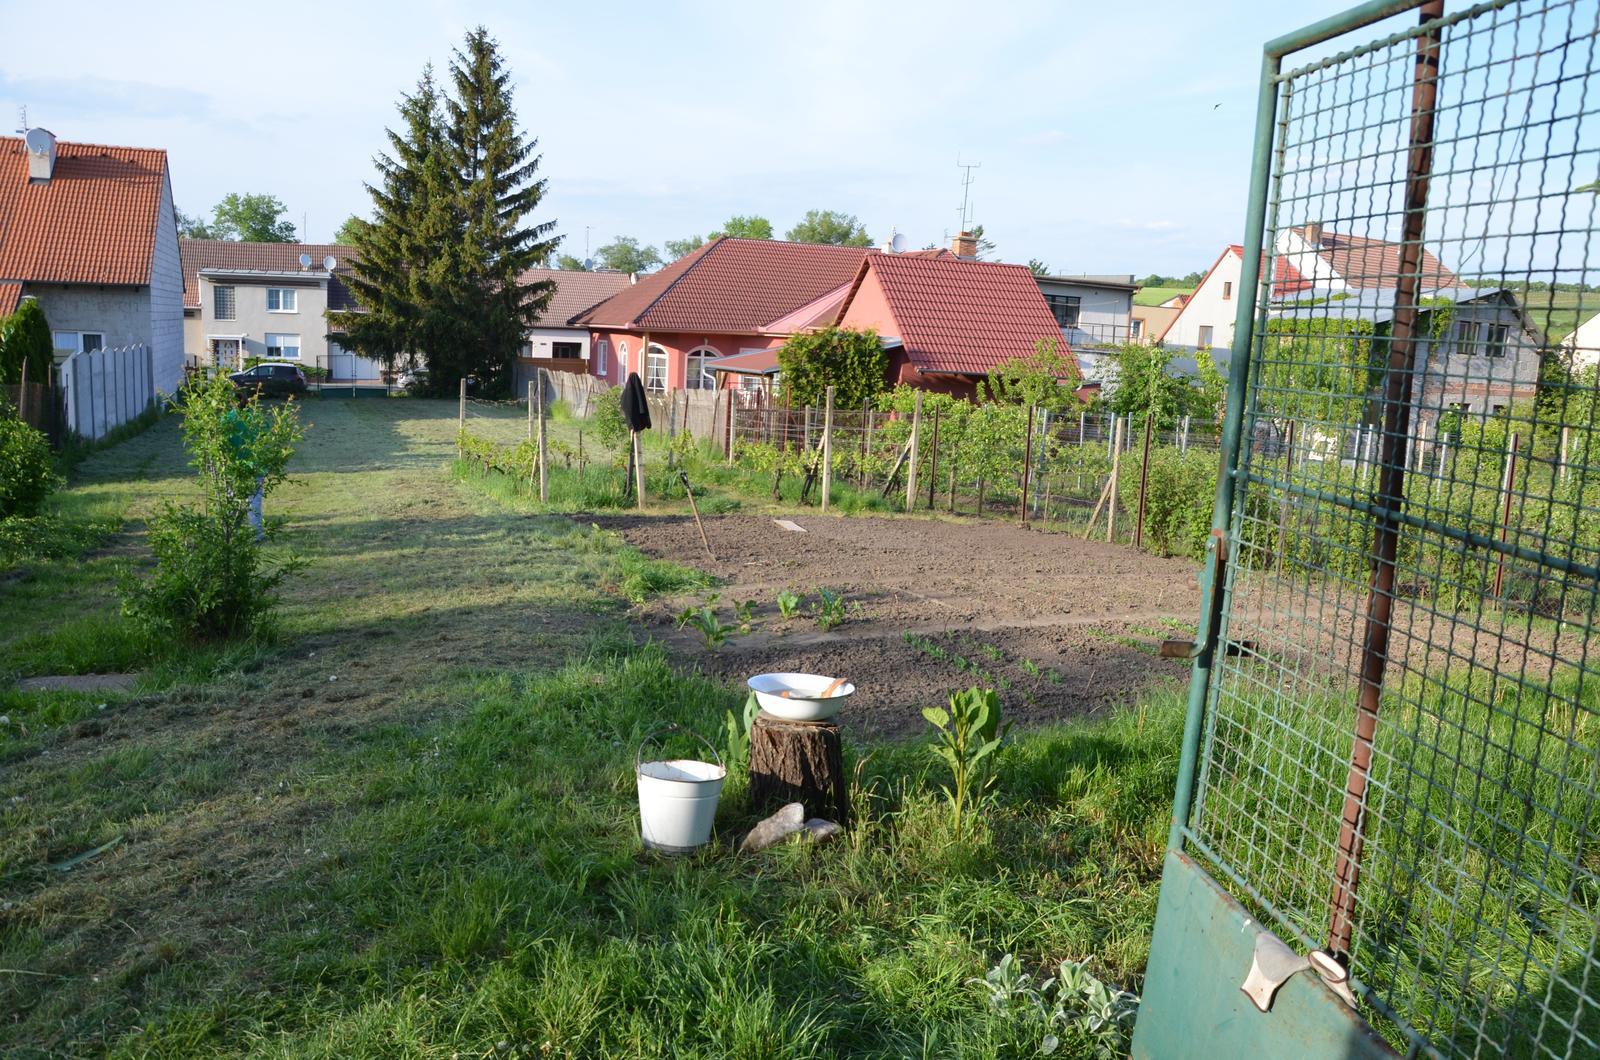 Vysněná zahrada... - Vytváříme genia loci naší zahrady :-D Pítko/koupátko, do kýble asi něco zasadím....